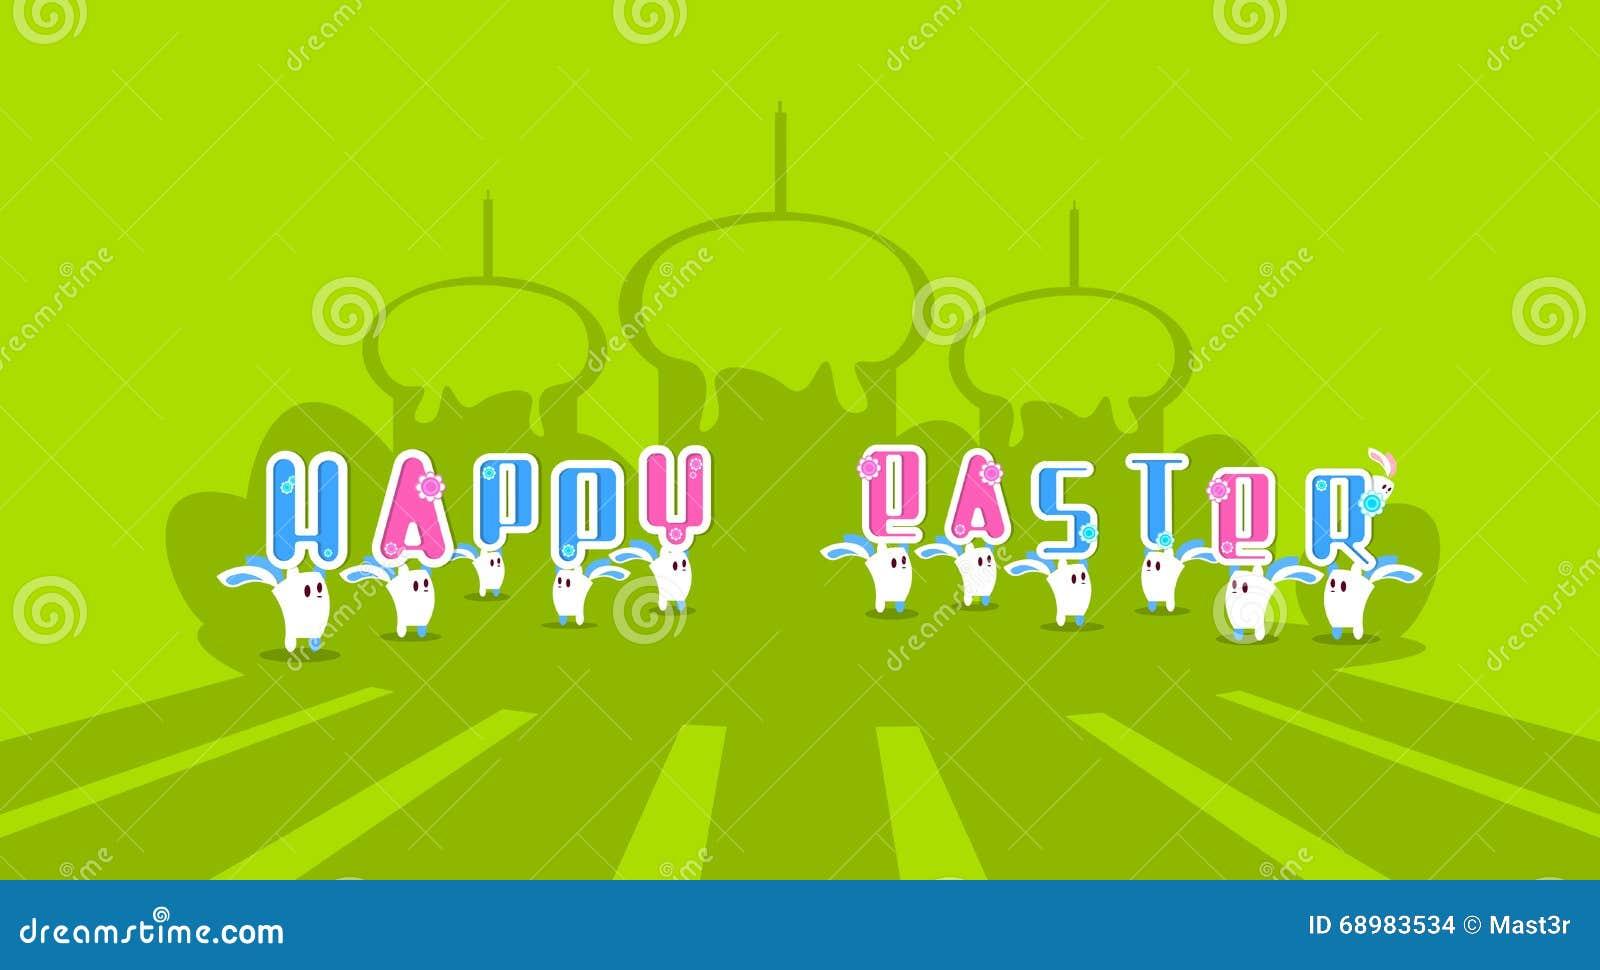 Tarjeta de felicitación colorida Pascua del conejo de la bandera feliz del día de fiesta de Bunny Hold Cake With Candle